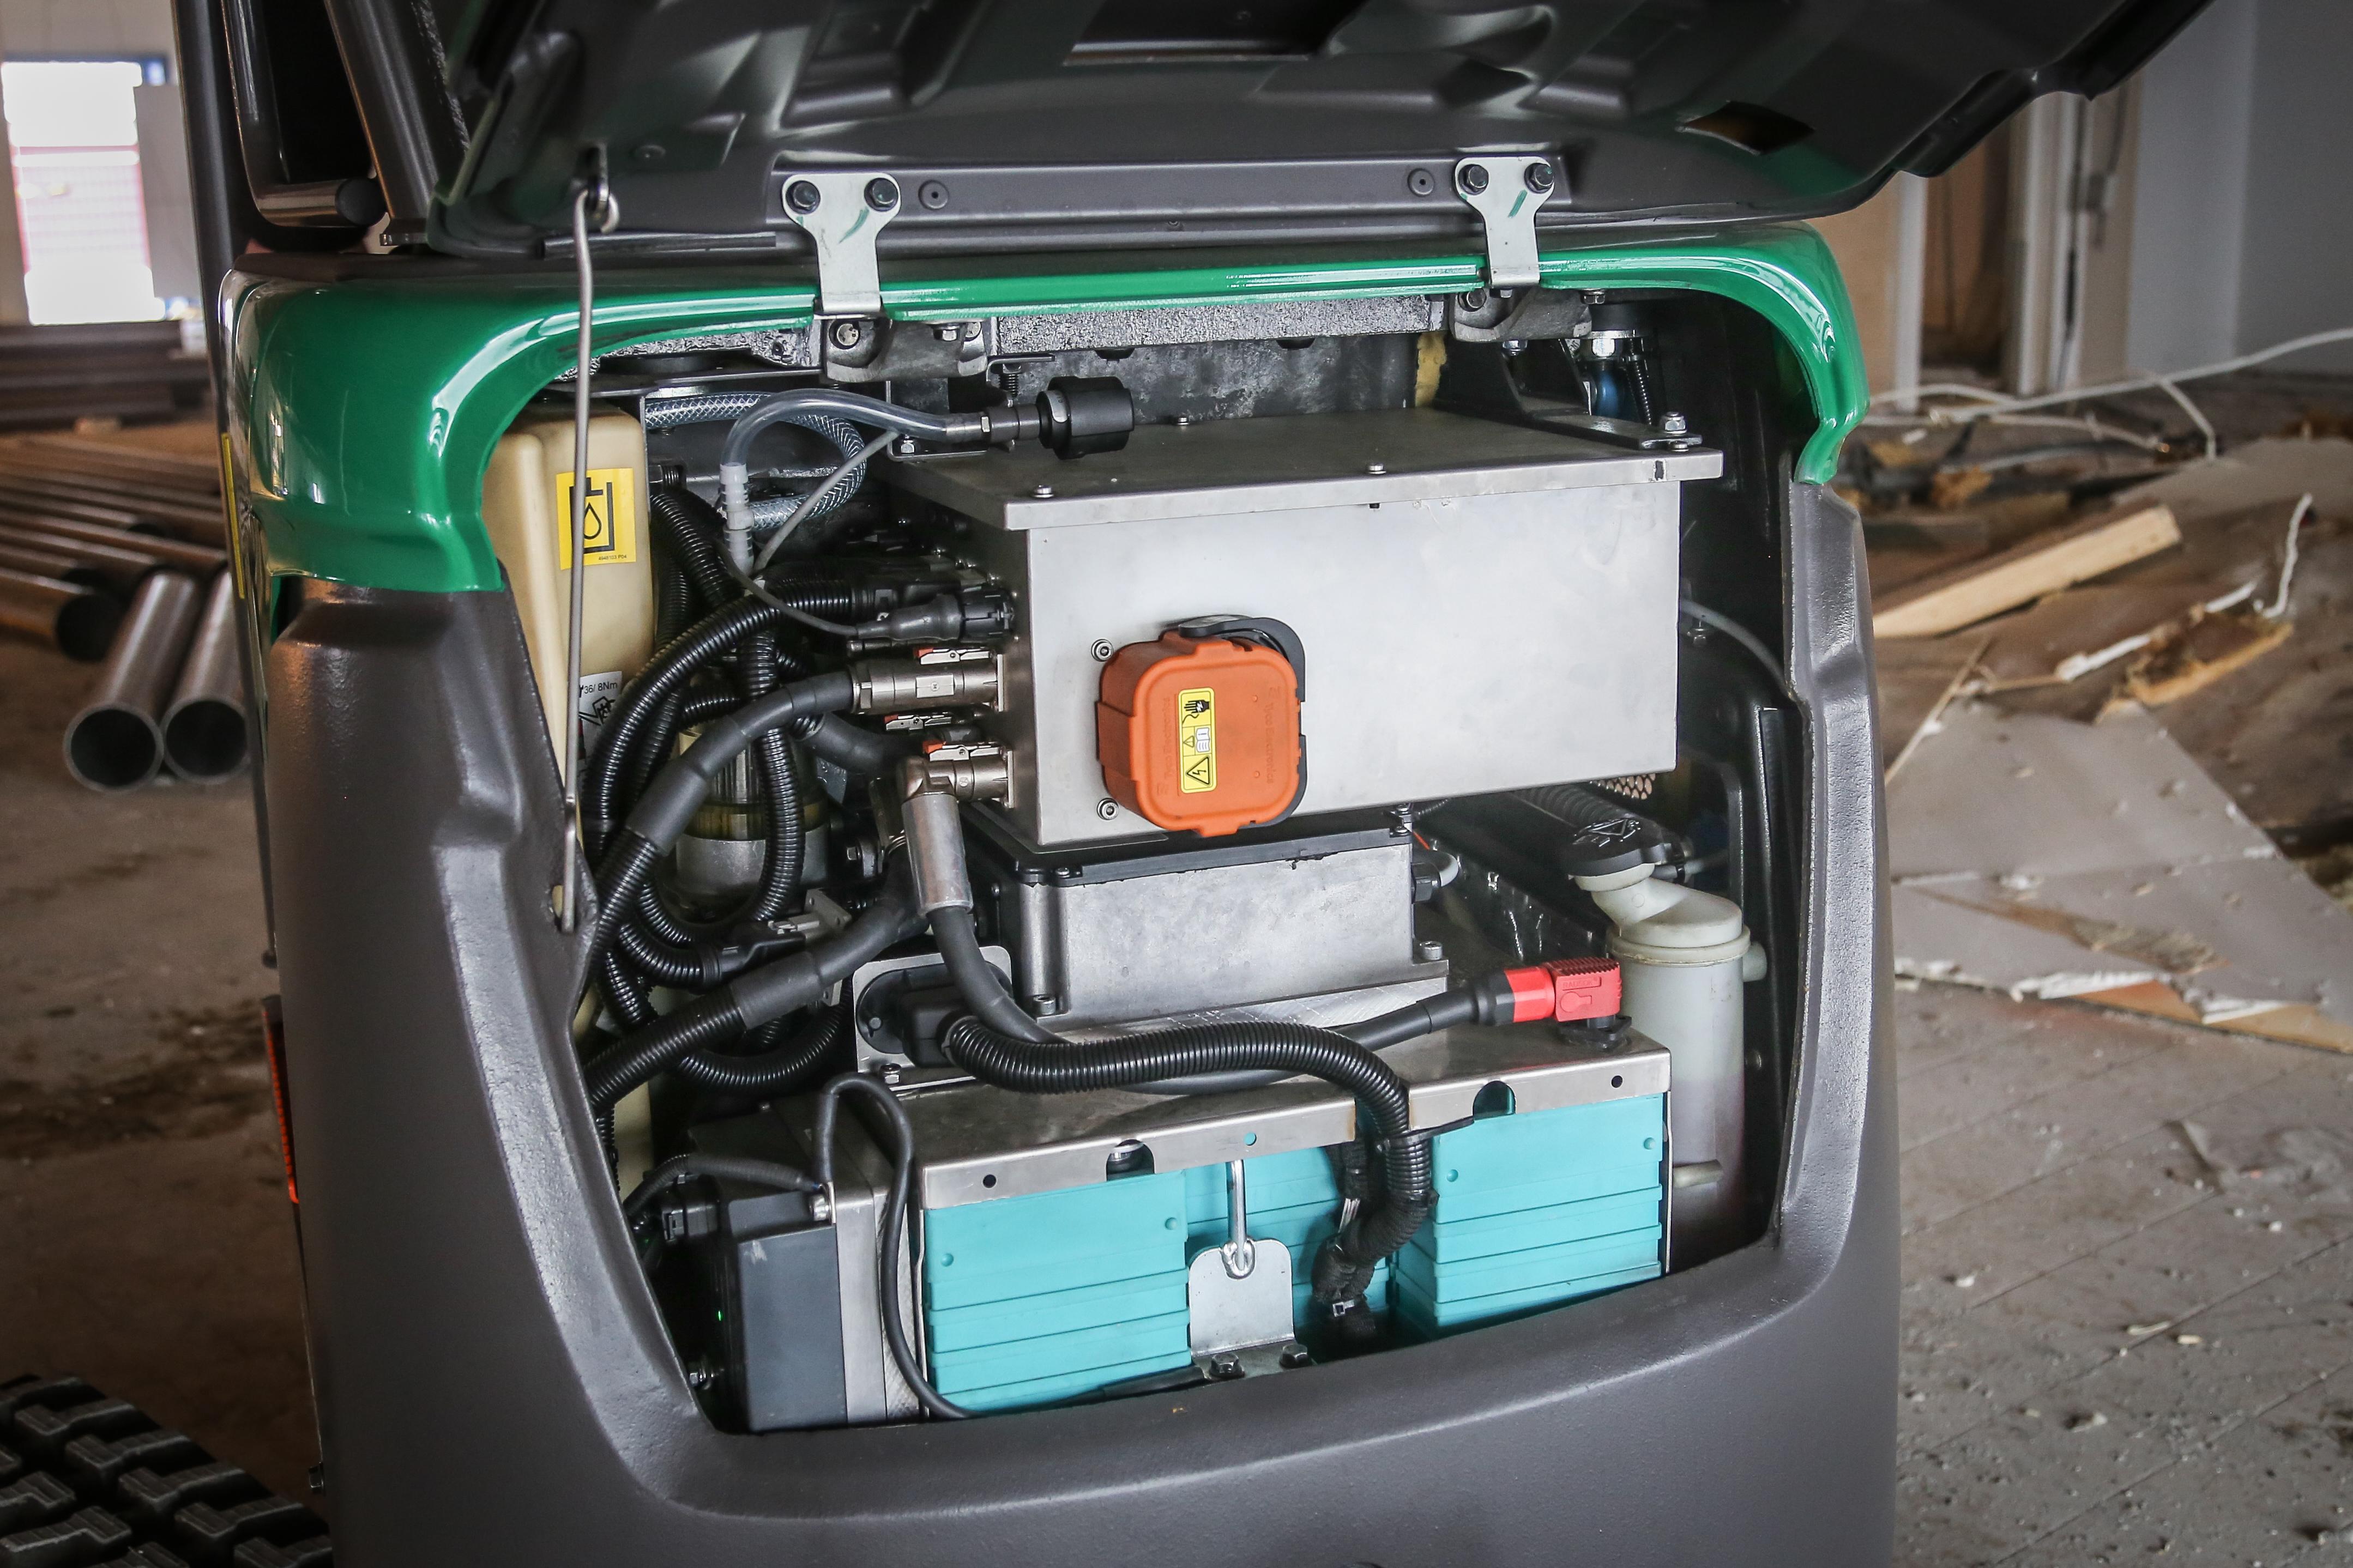 <p>De dieselmotor ruimde het veld voor een accupakket met lader. Een compacte elektromotor drijft nu de hydrauliekpomp aan. Verder bleef de Volvo origineel, en dat houdt de kosten in de hand. </p>